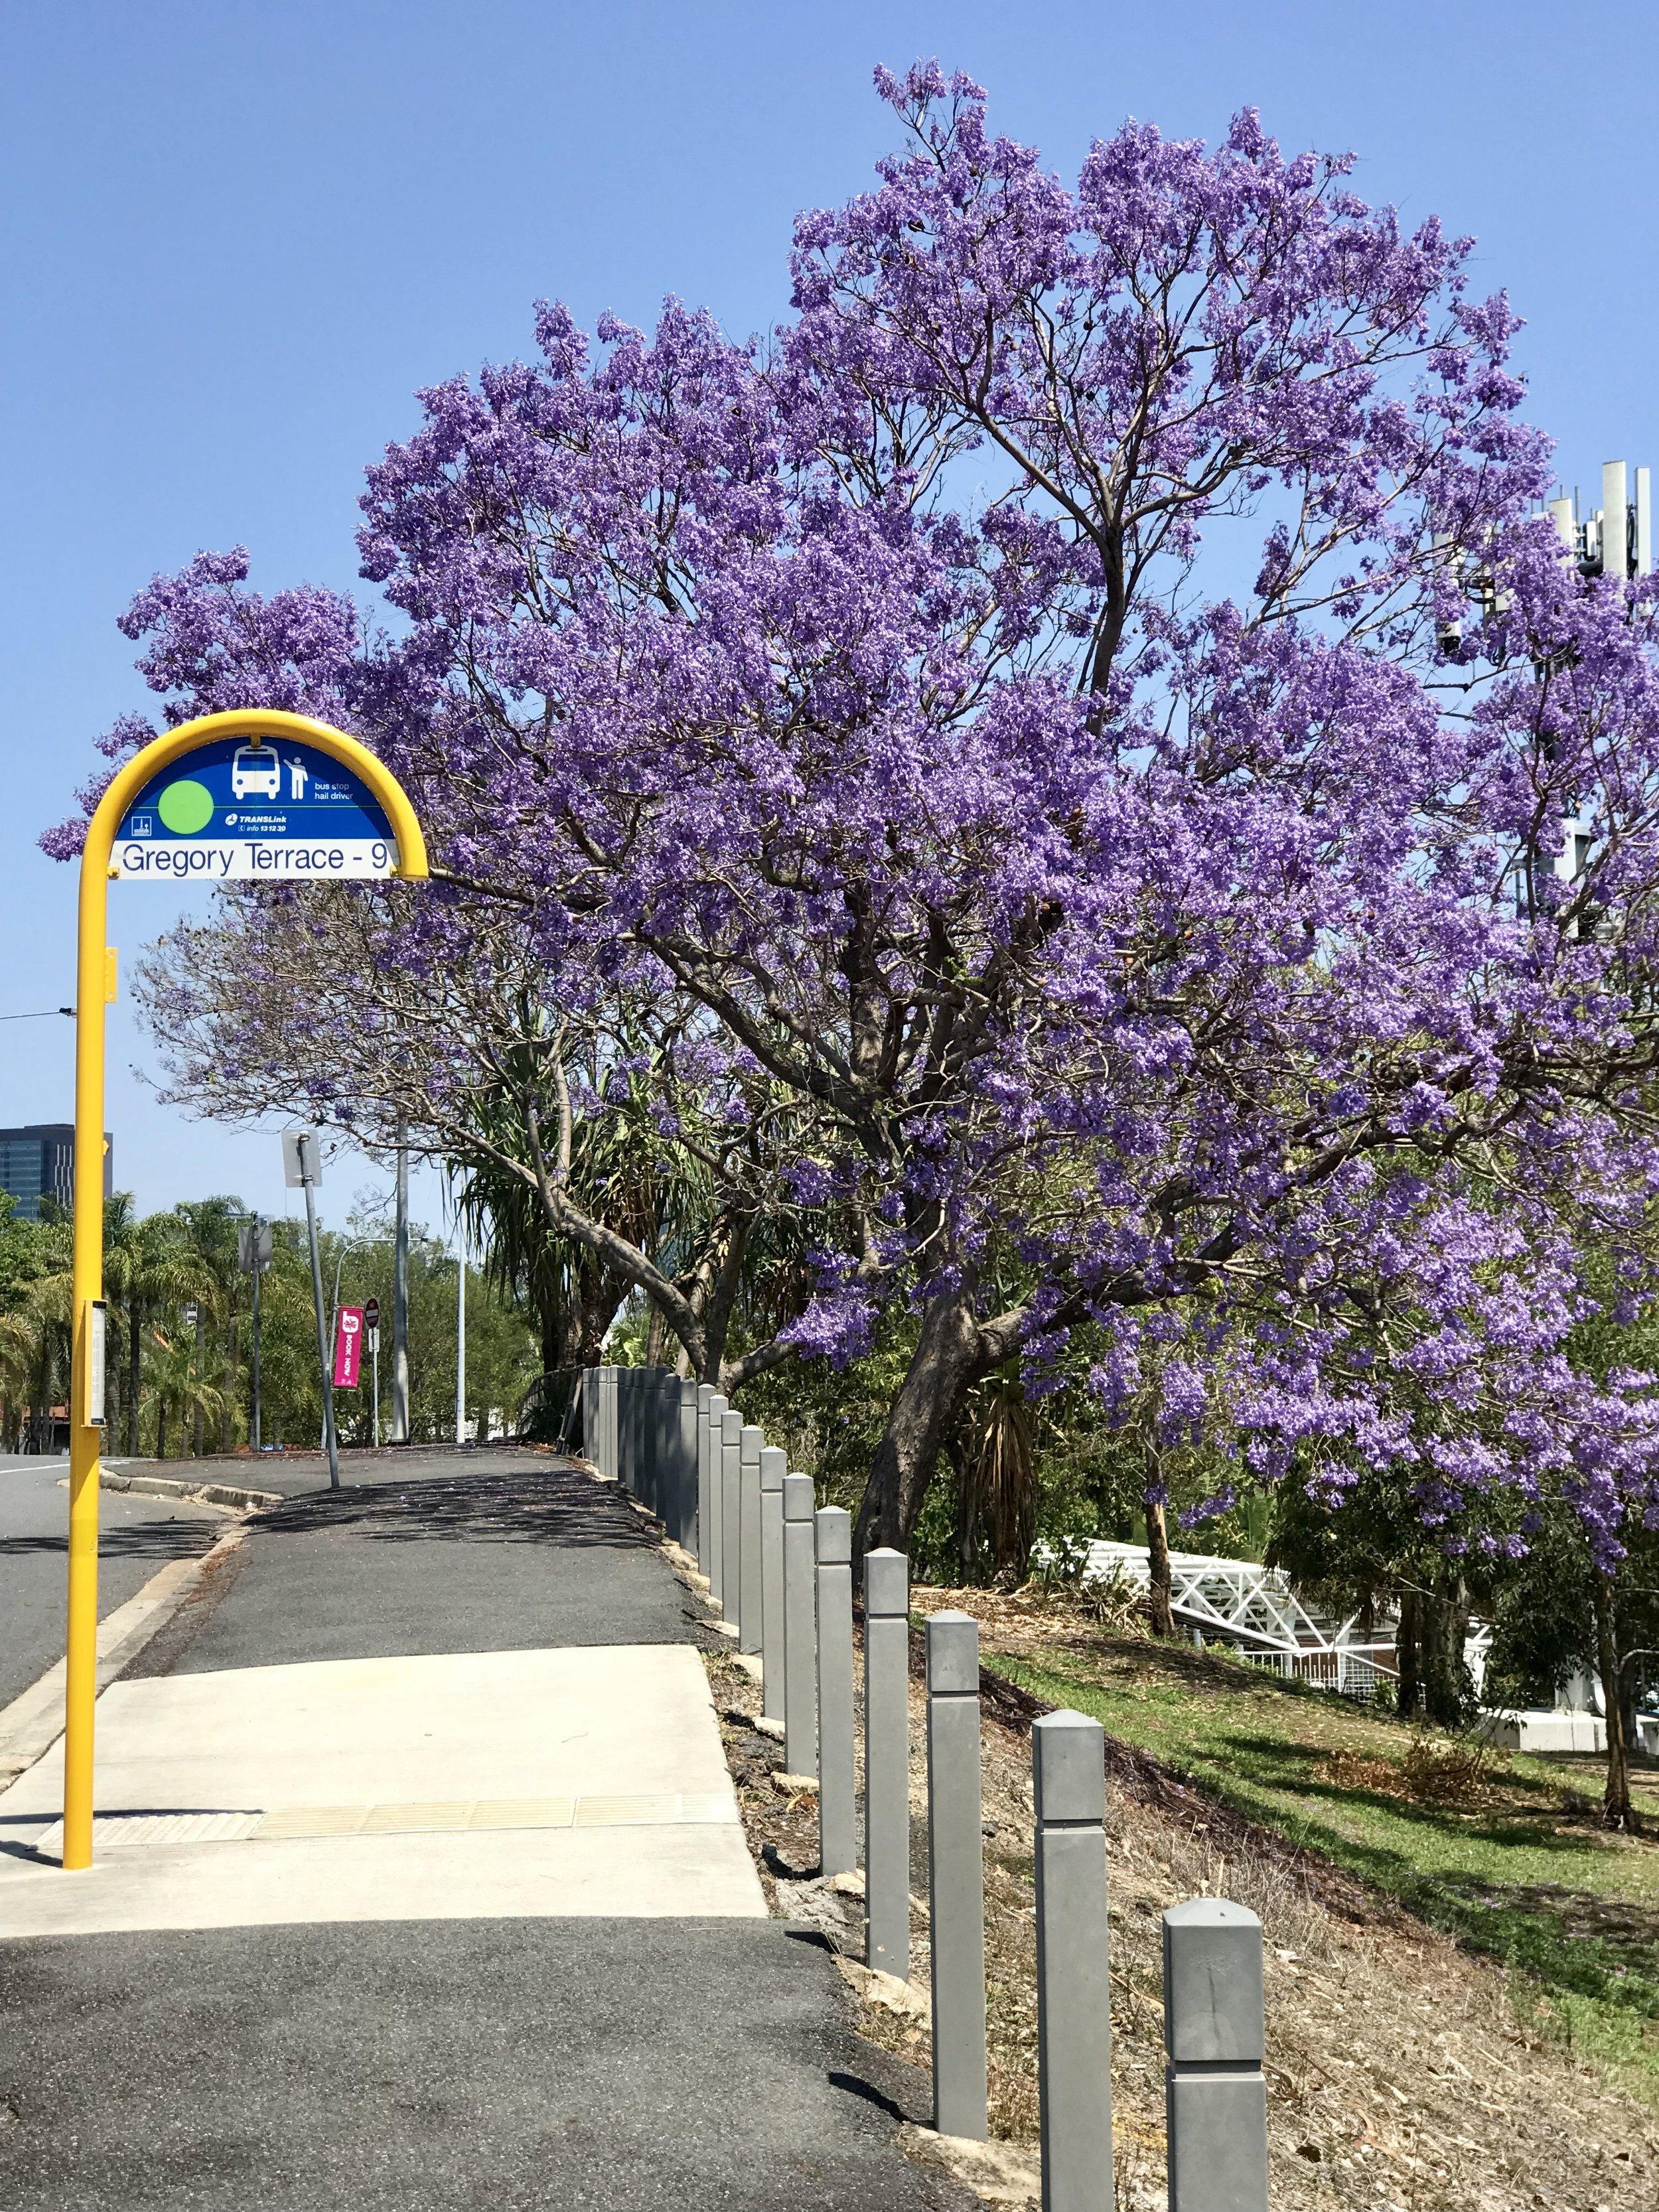 Gregory Terrace, Brisbane.